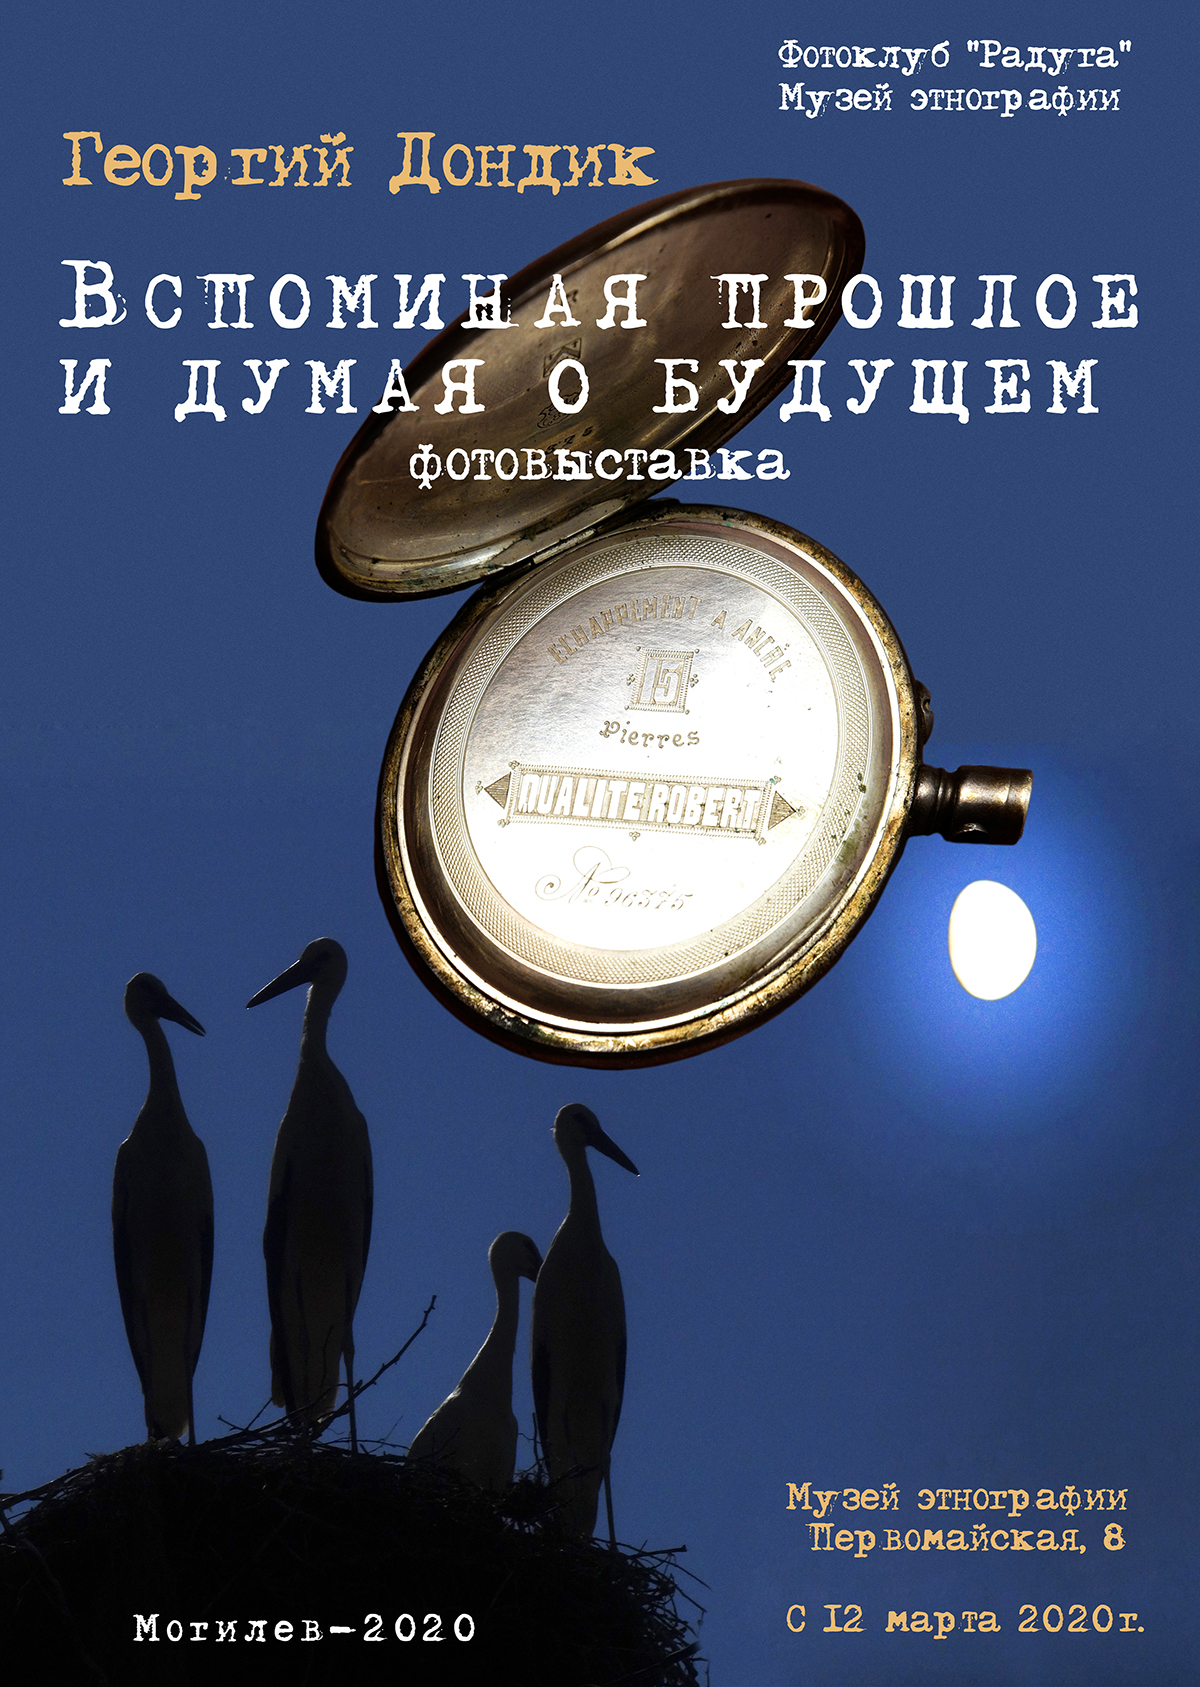 Вмузее этнографии Могилева готовится коткрытию  фотовыставка Георгия Дондика